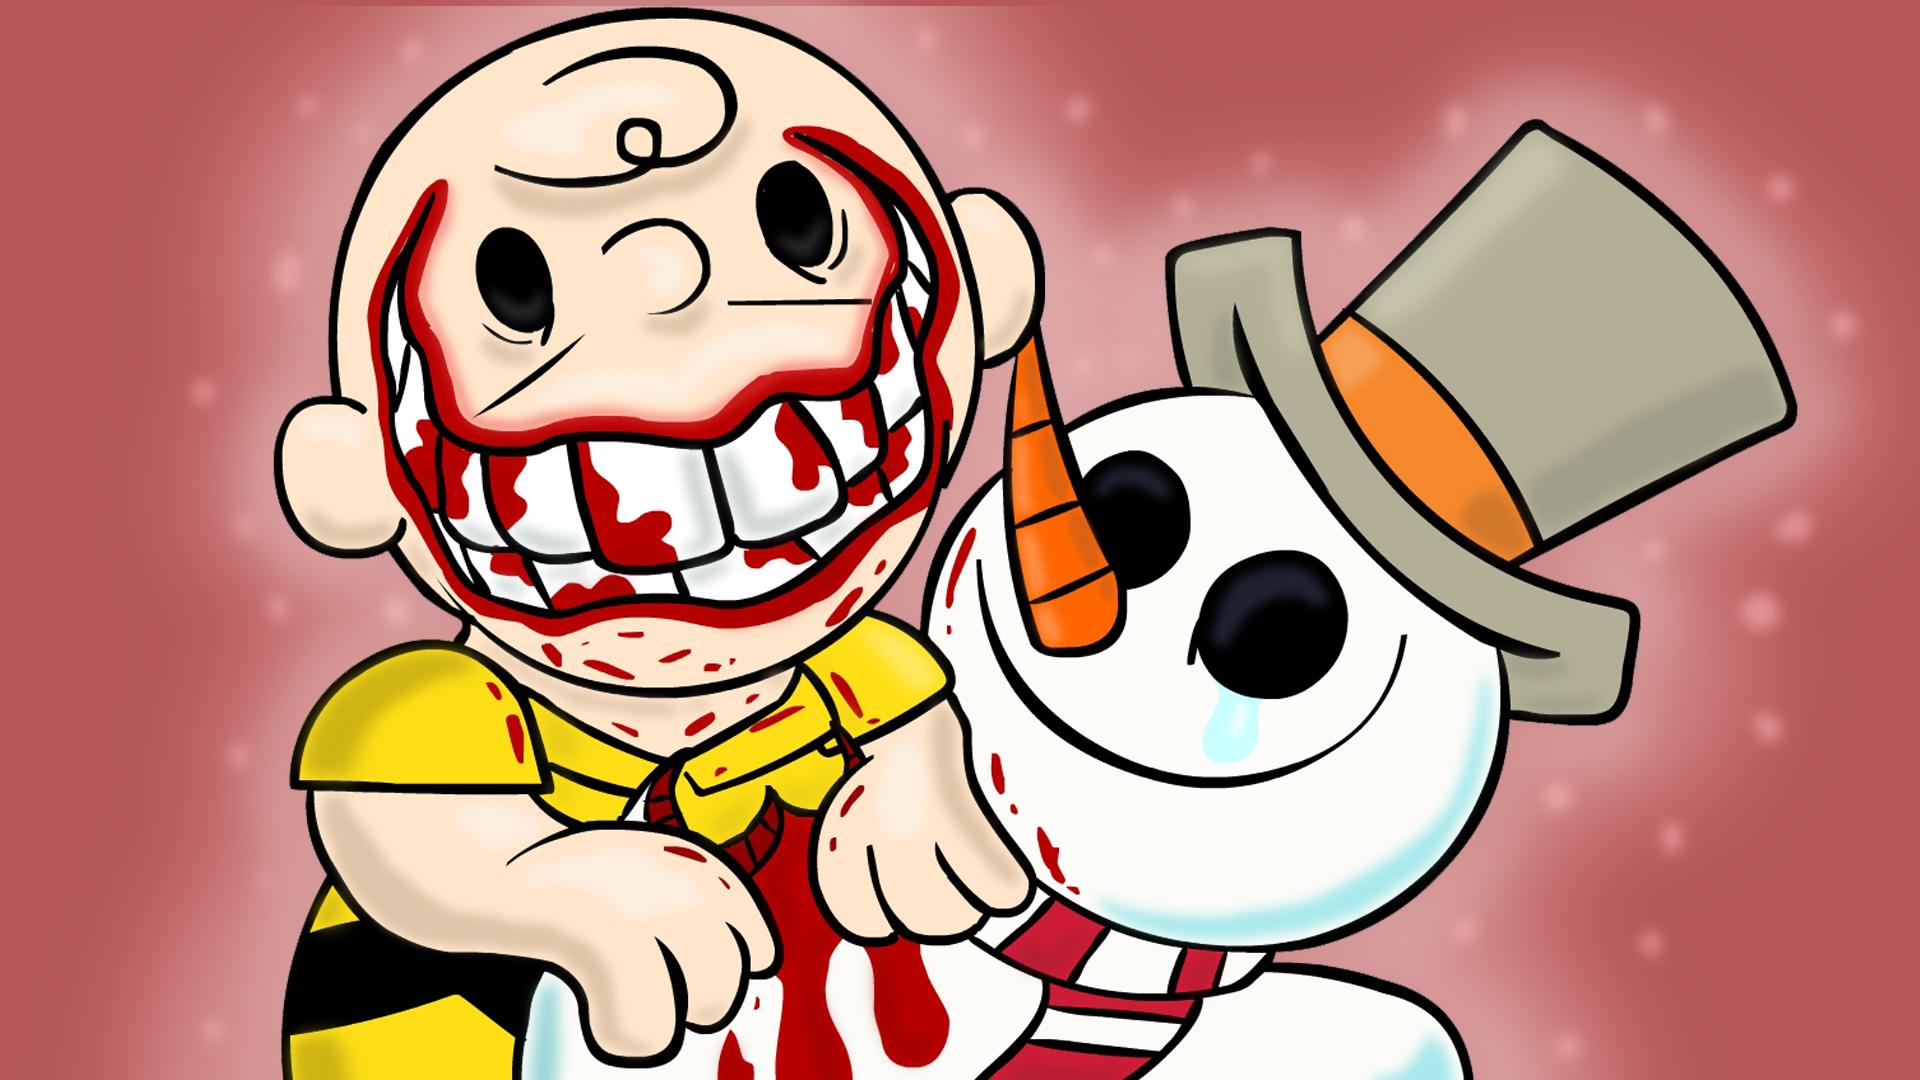 The Christmas Collab Thumbnail